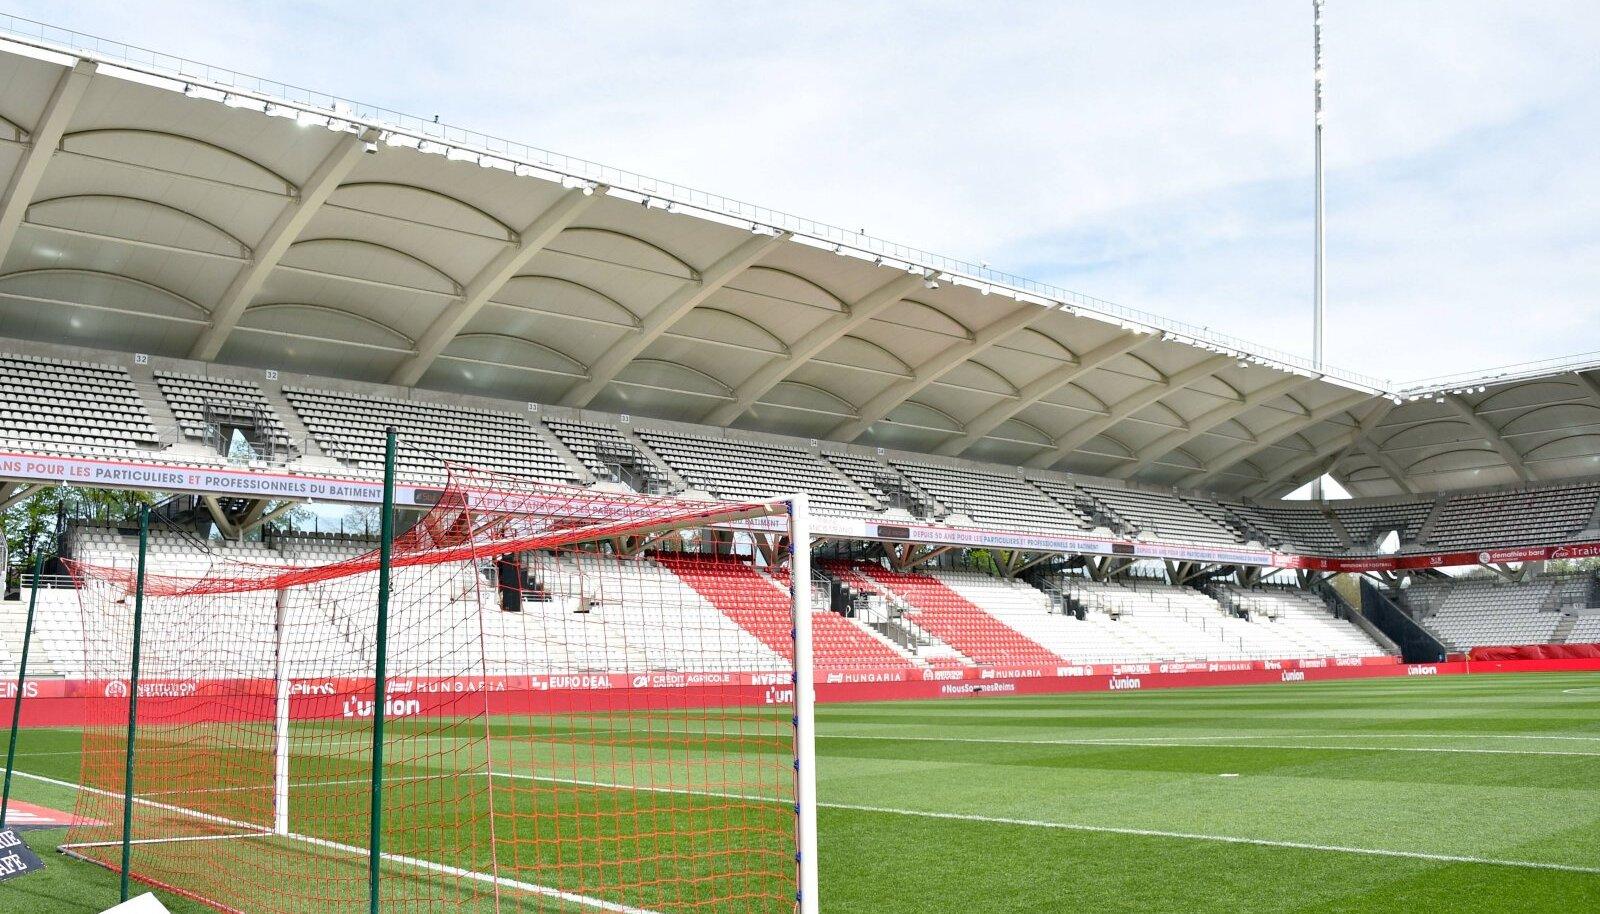 Reims'i jalgpalliklubi staadion.